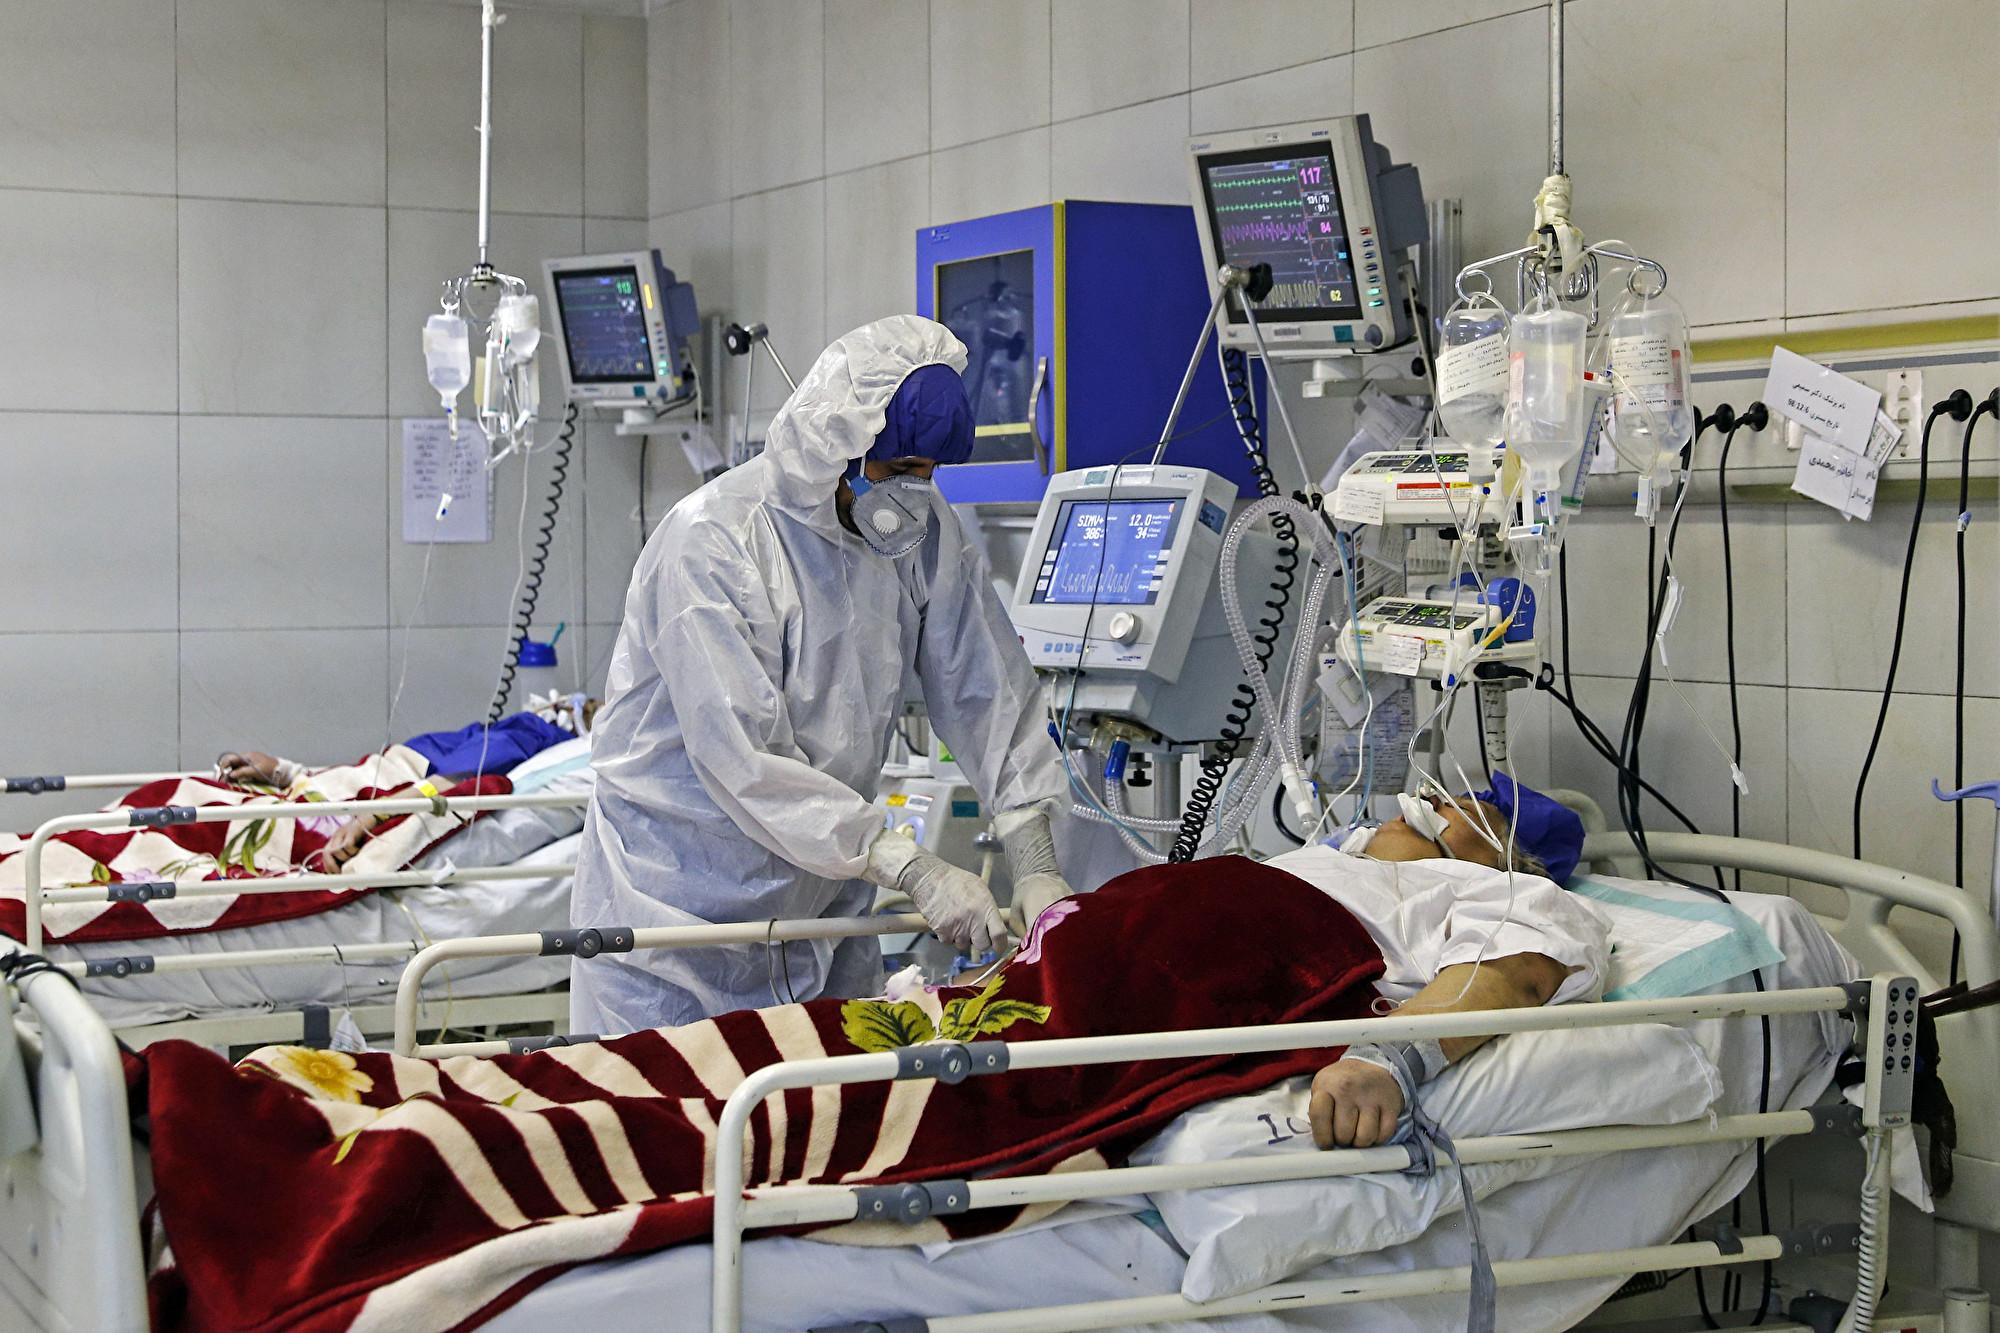 衛星圖曝伊朗挖壕溝 為掩埋大量中共肺炎死者?